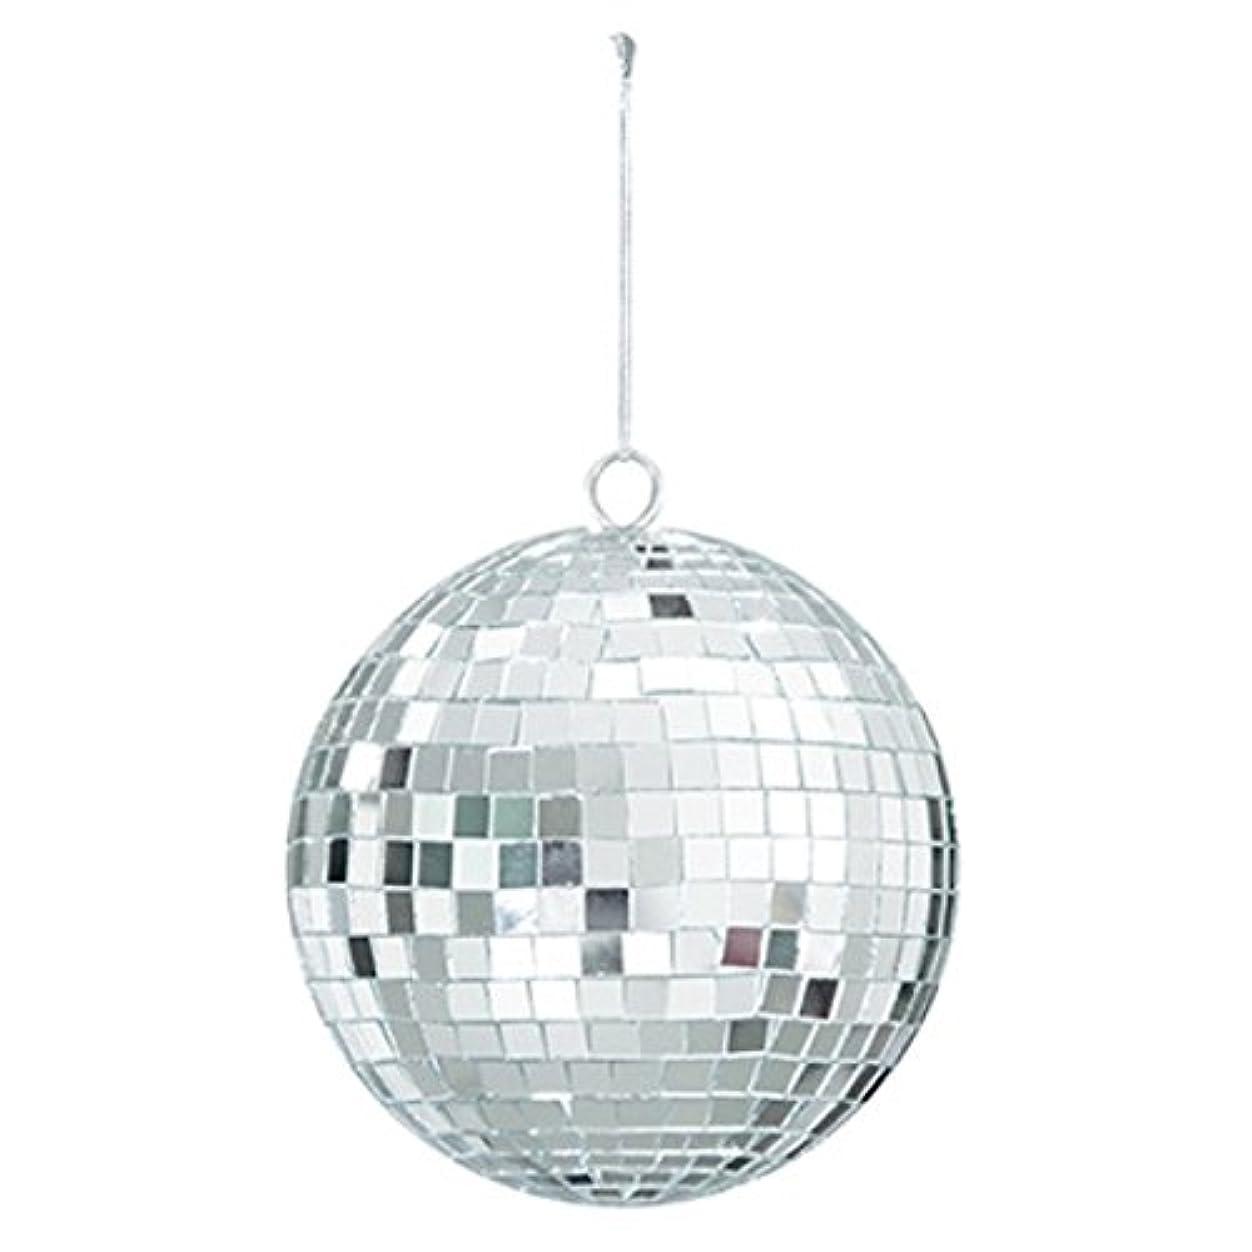 仕事に行くルーム謝罪する150mmミラーボール(OXM1215L)[クリスマス デコレーション 飾り オーナメント ミラーボール]